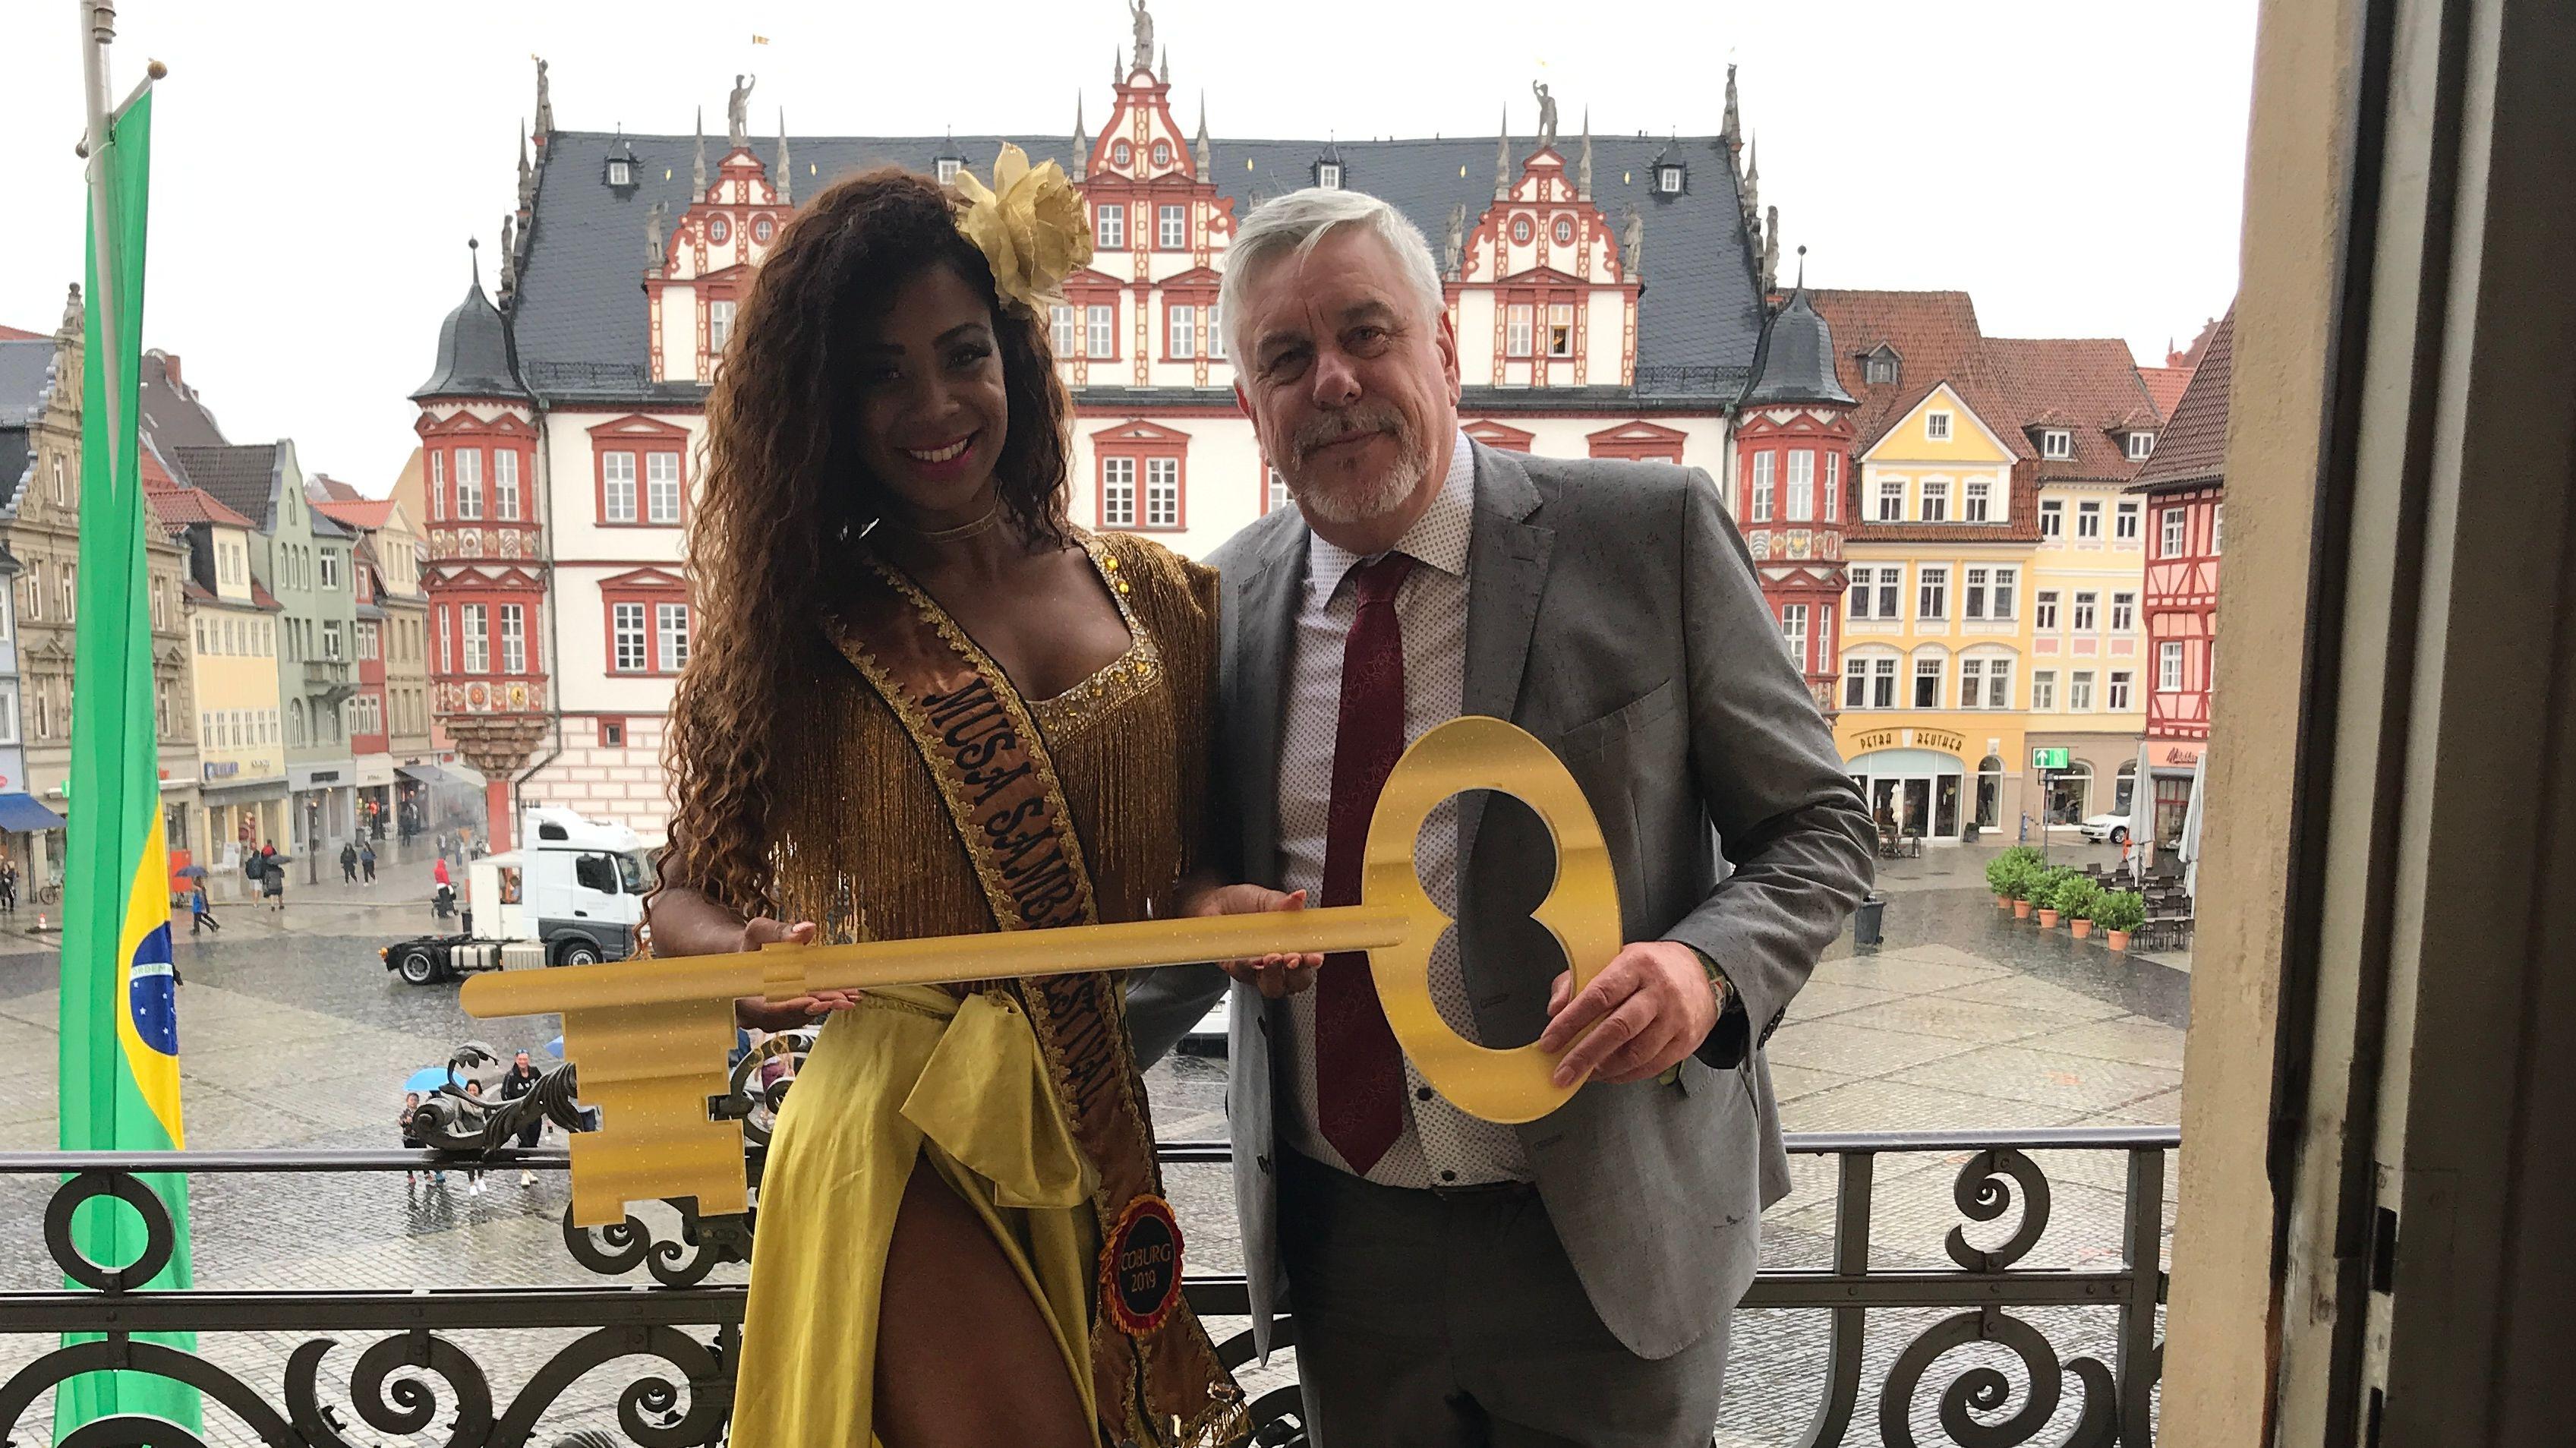 Eine Sambatänzerin in gelben Kleid bekommt einen überdimensional großen Schlüssel vom Oberbürgermeister der Stadt Coburg. Sie stehen auf dem Balkon des Rathauses.